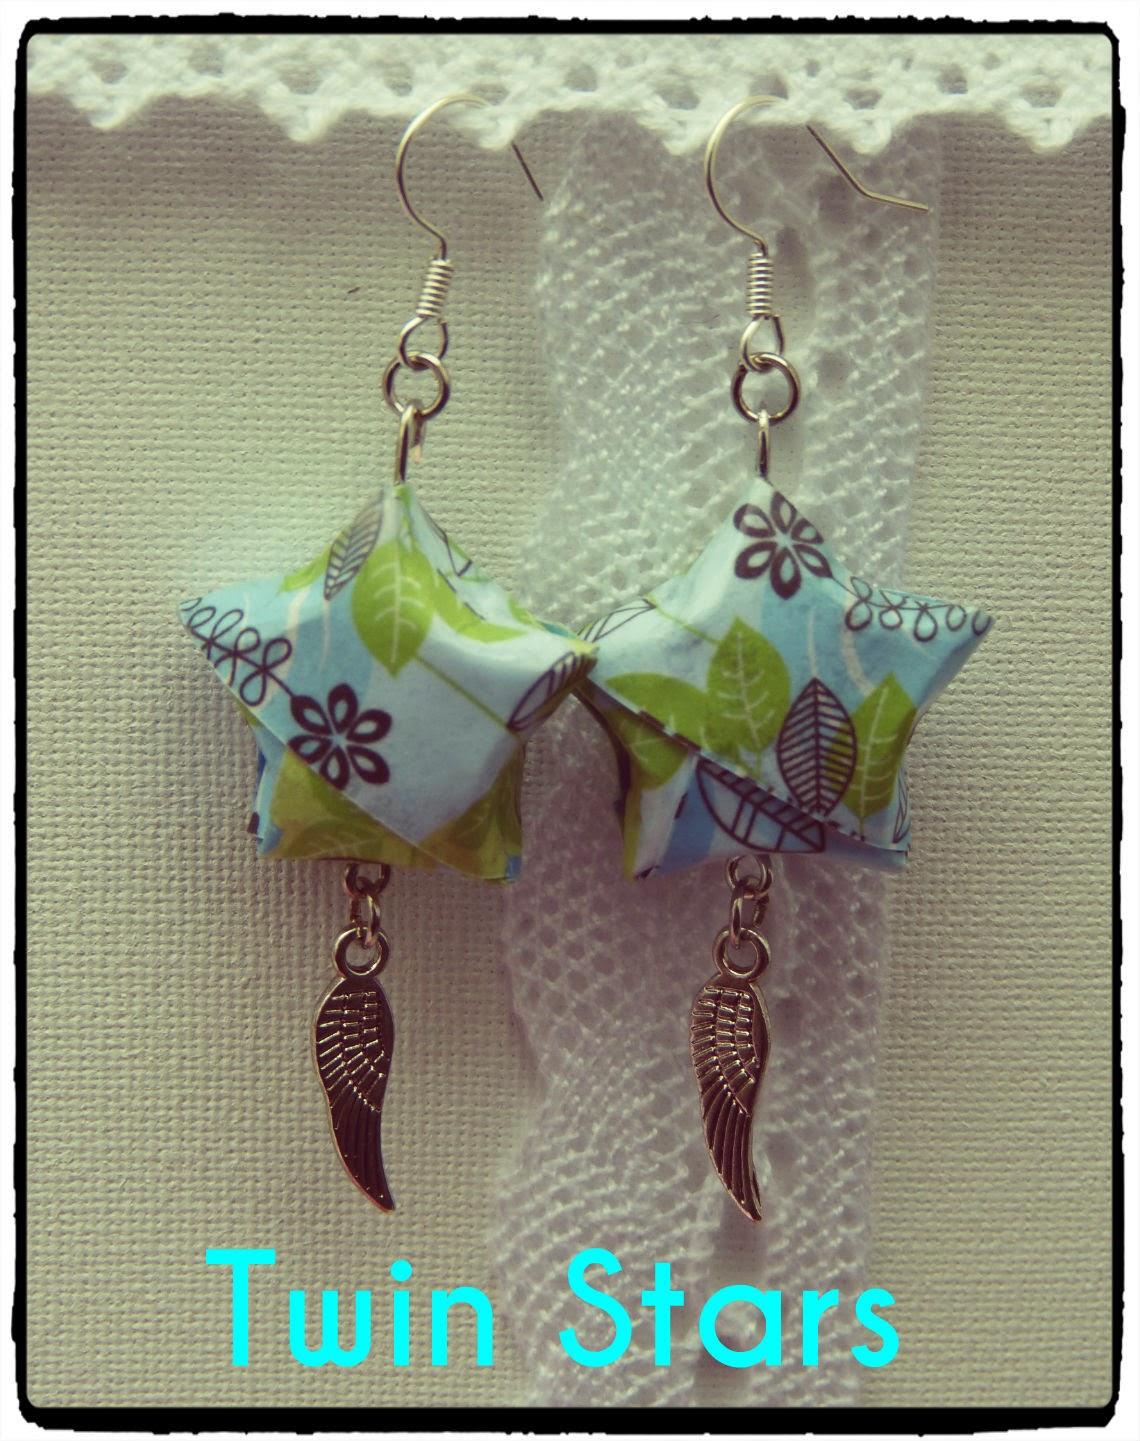 http://www.alittlemarket.com/boucles-d-oreille/fr_boucles_d_oreilles_origami_theme_twin_stars_etoiles_en_papier_et_breloques_ailes_d_ange_-8214903.html